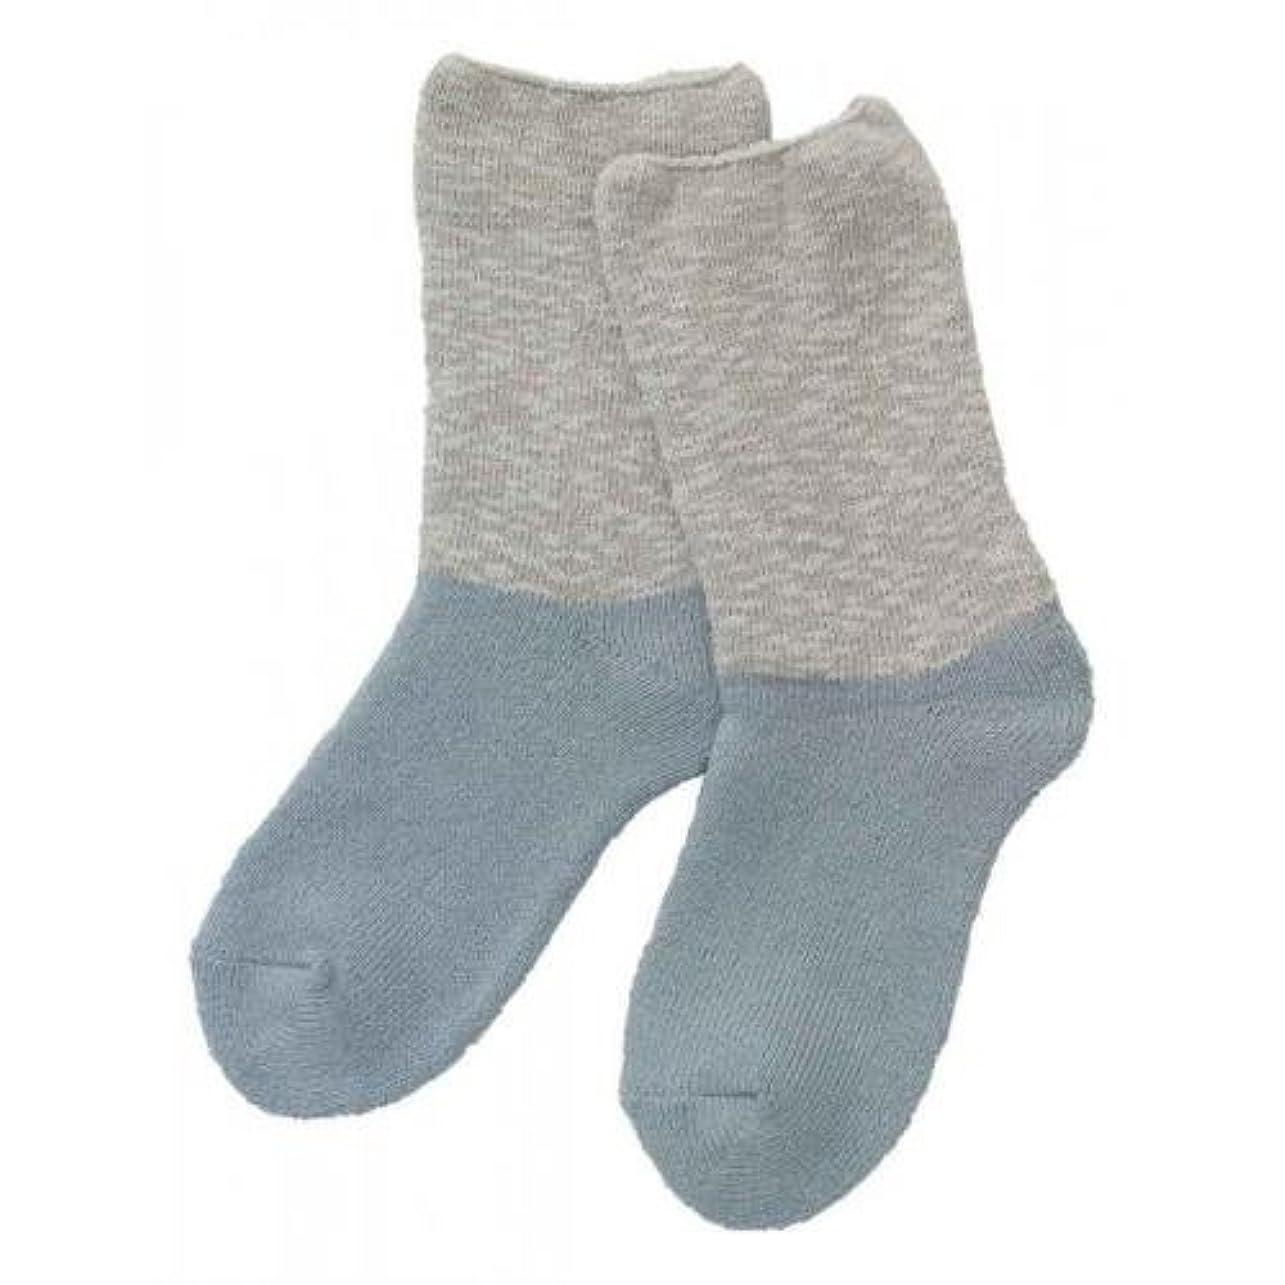 変装した聖なる例示するCarelance(ケアランス)お風呂上りのやさしい靴下 綿麻パイルで足先さわやか 8706CA-70 ブルー